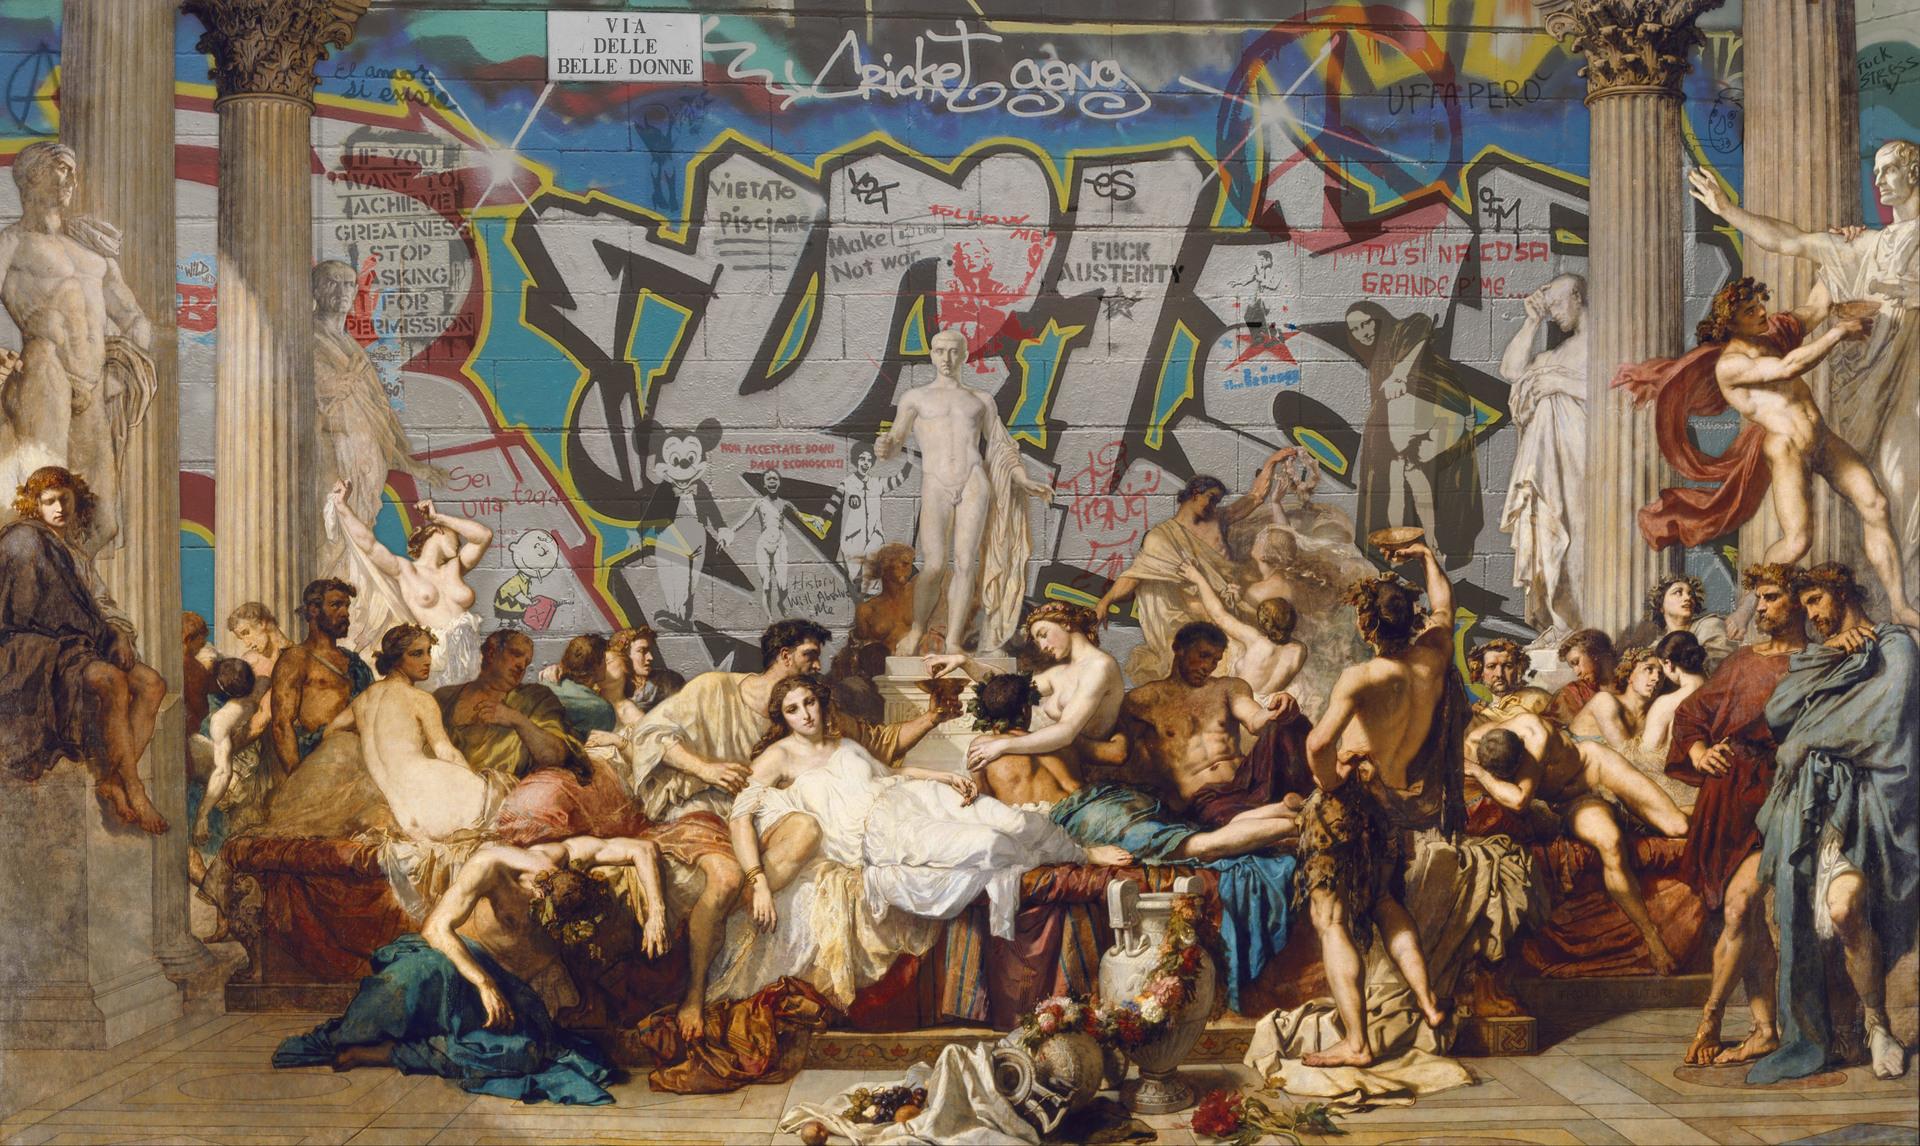 Quand Le Street Art Rencontre La Peinture Classique Le Resultat Est Bluffant